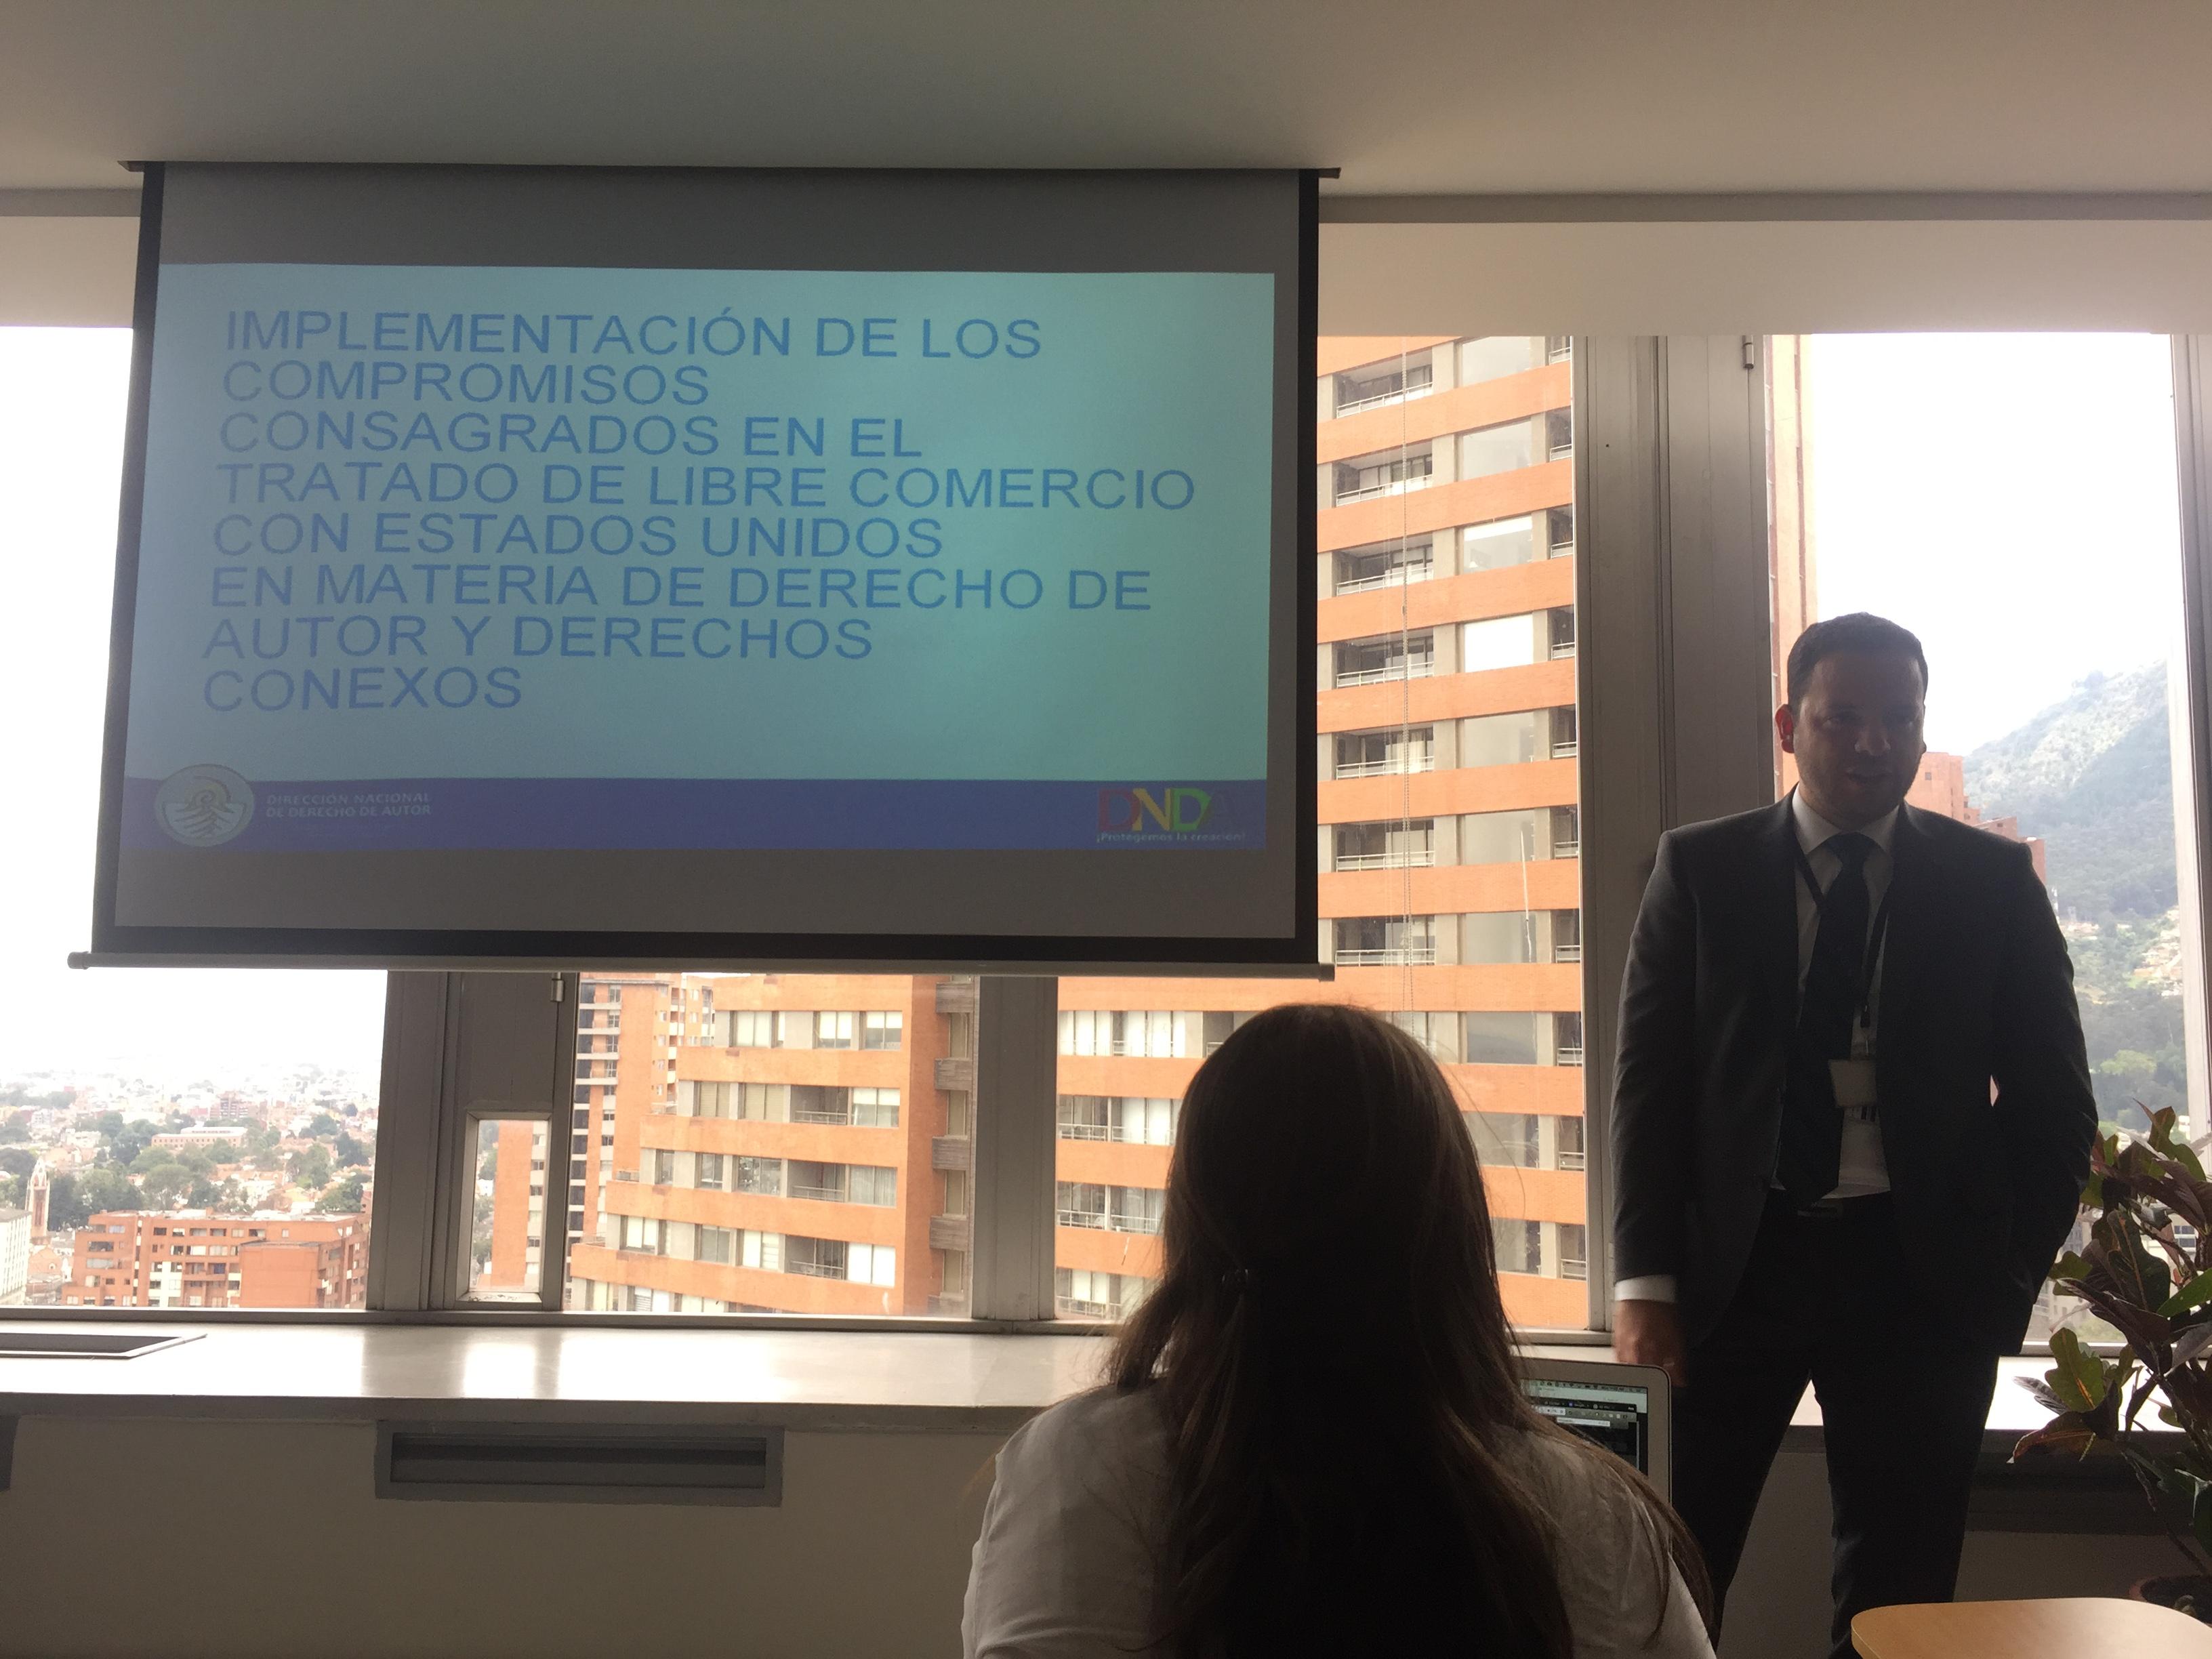 Presentación de la propuesta de proyecto de ley de implementación del TLC entre Colombia y Estados Unidos sobre derecho de autor, Bogotá, 2017